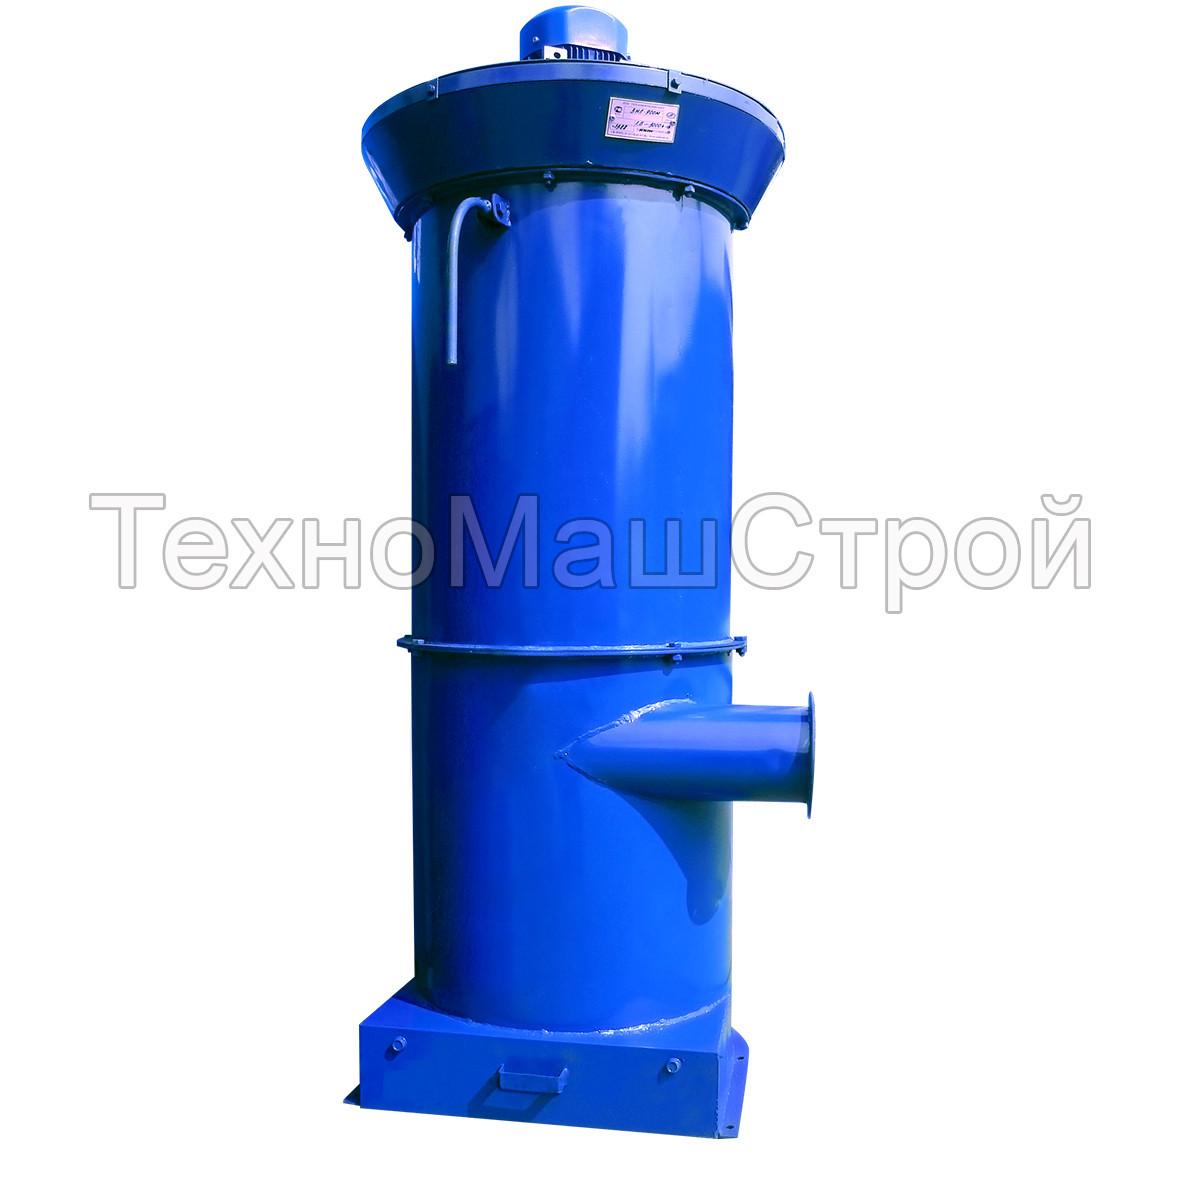 Пылеулавливатель ЗИЛ-1600. Промышленный очиститель воздуха